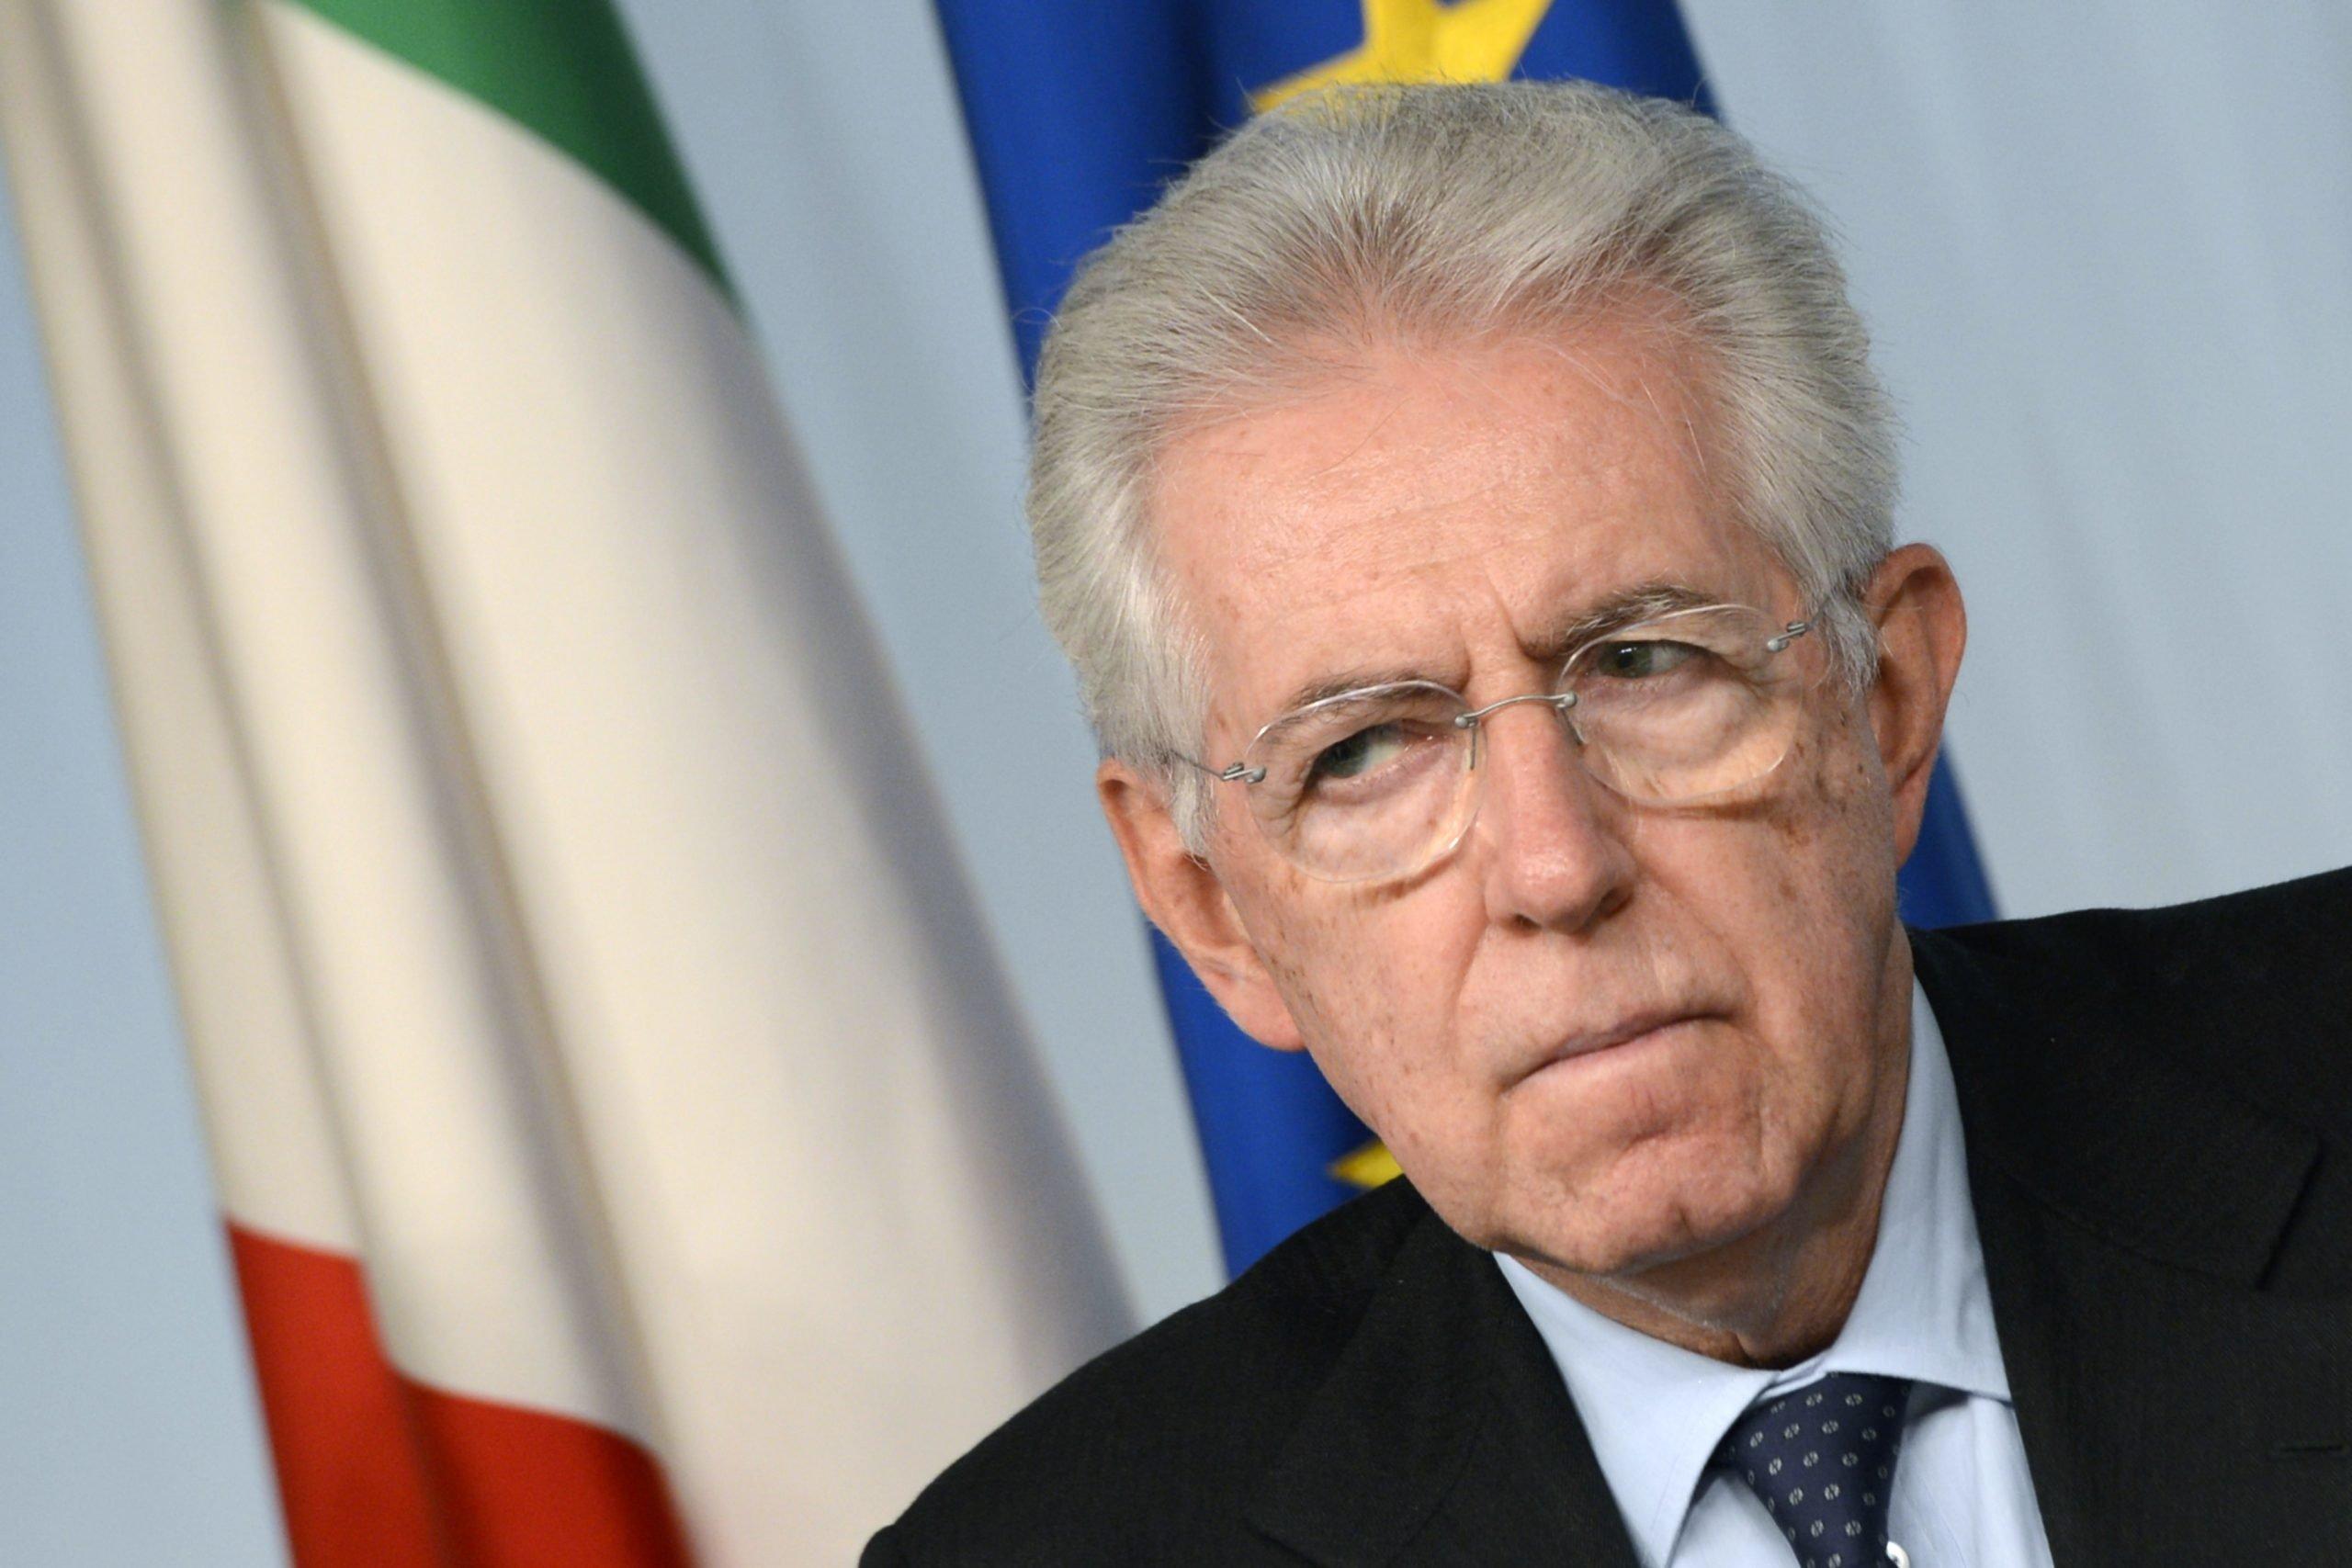 Coronavirus: Oms Europa convoca commissione su priorità, Monti presidente